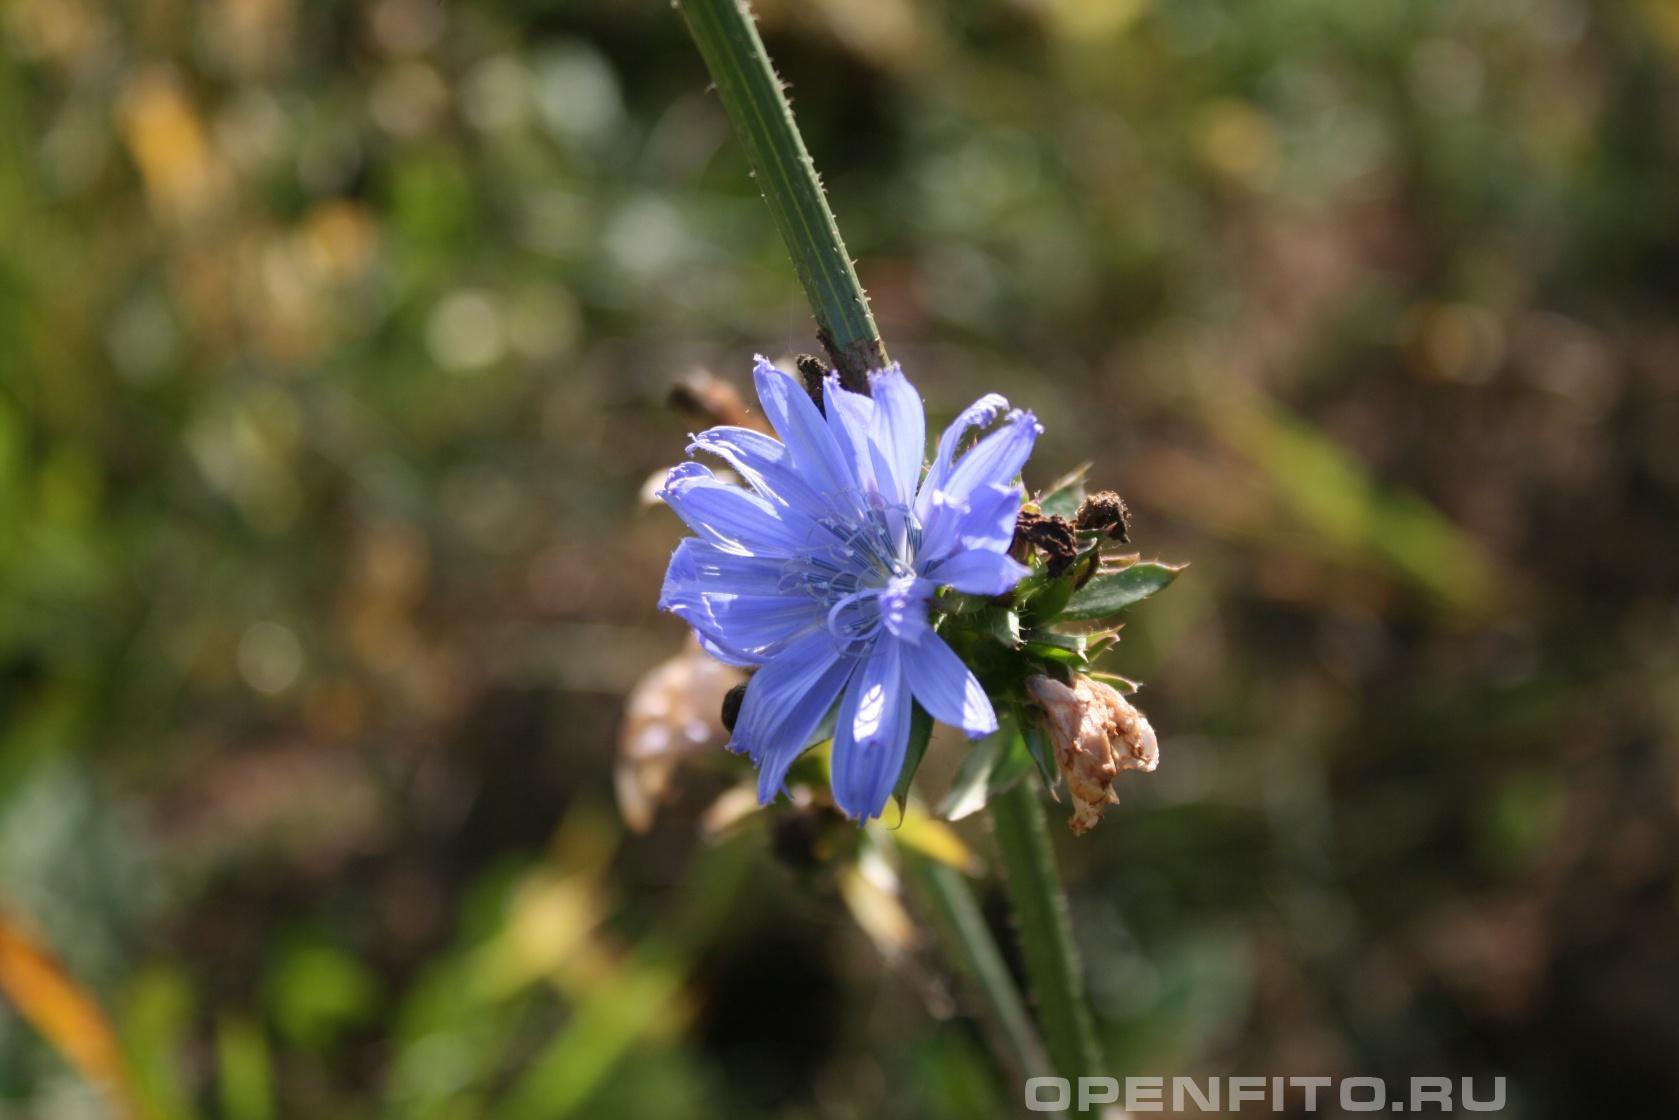 Цикорий салатный <p>Фотография цветка Цикория</p>